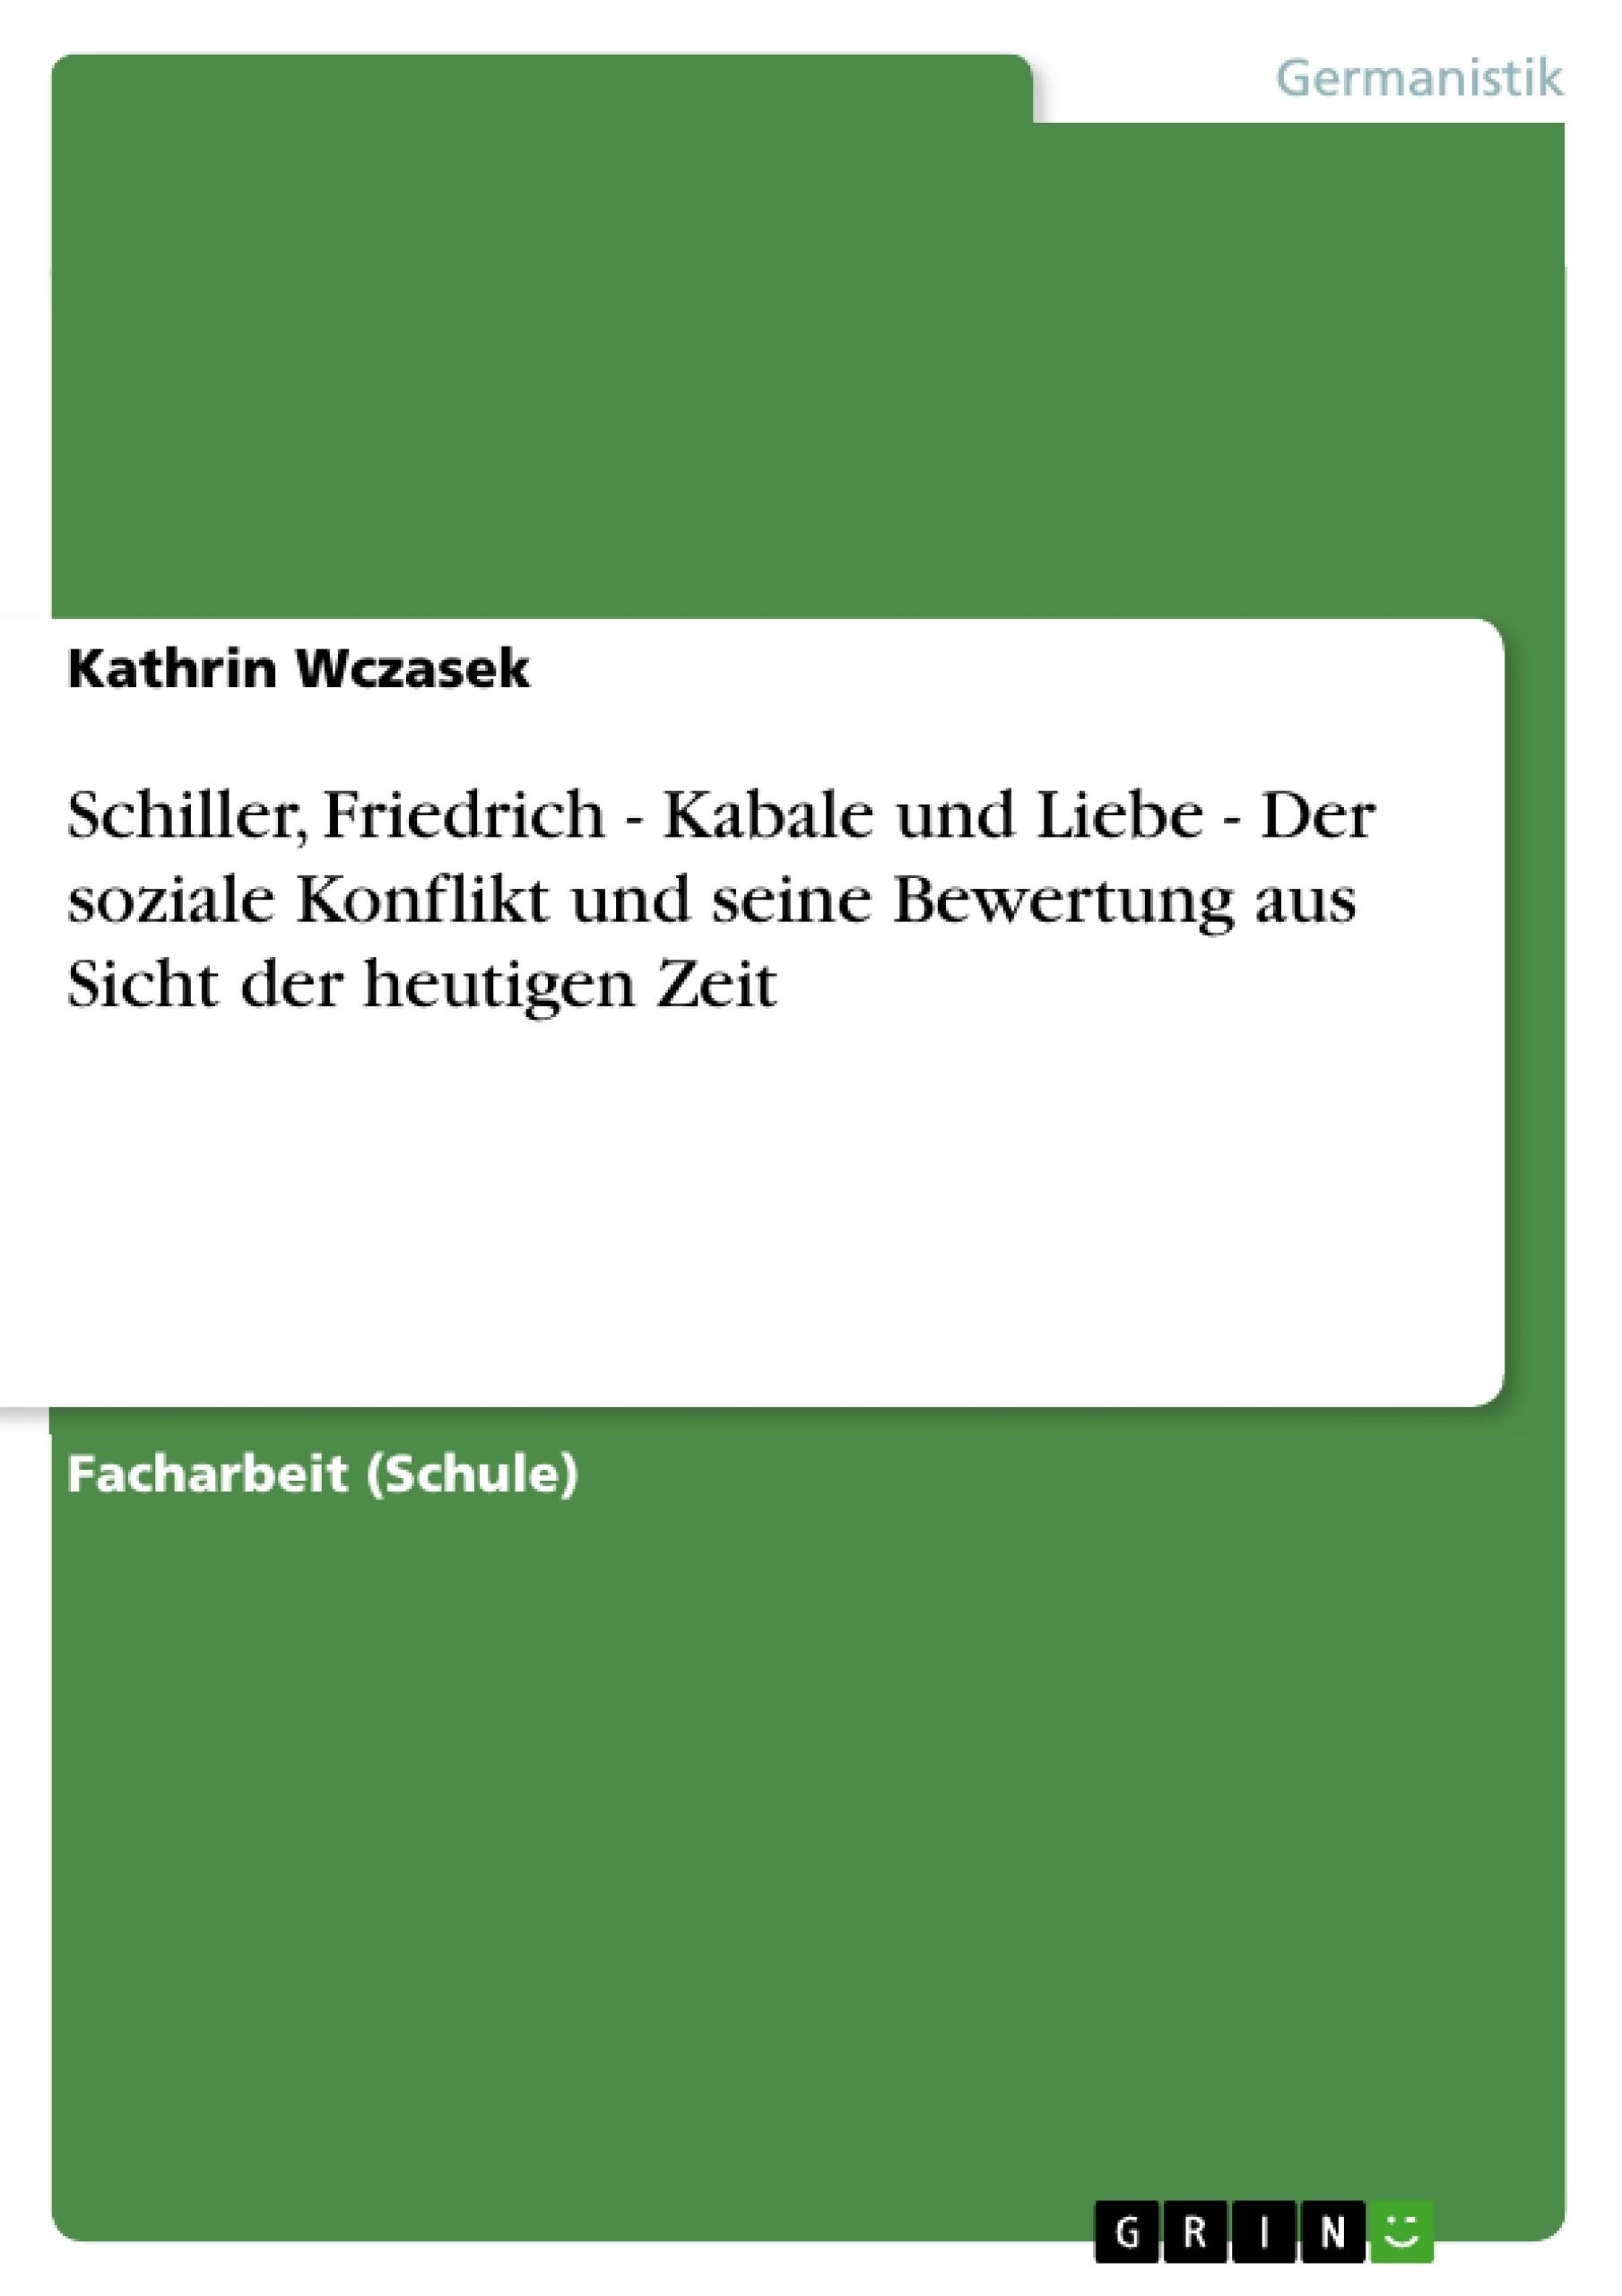 Titel: Schiller, Friedrich - Kabale und Liebe - Der soziale Konflikt und seine Bewertung aus Sicht der heutigen Zeit